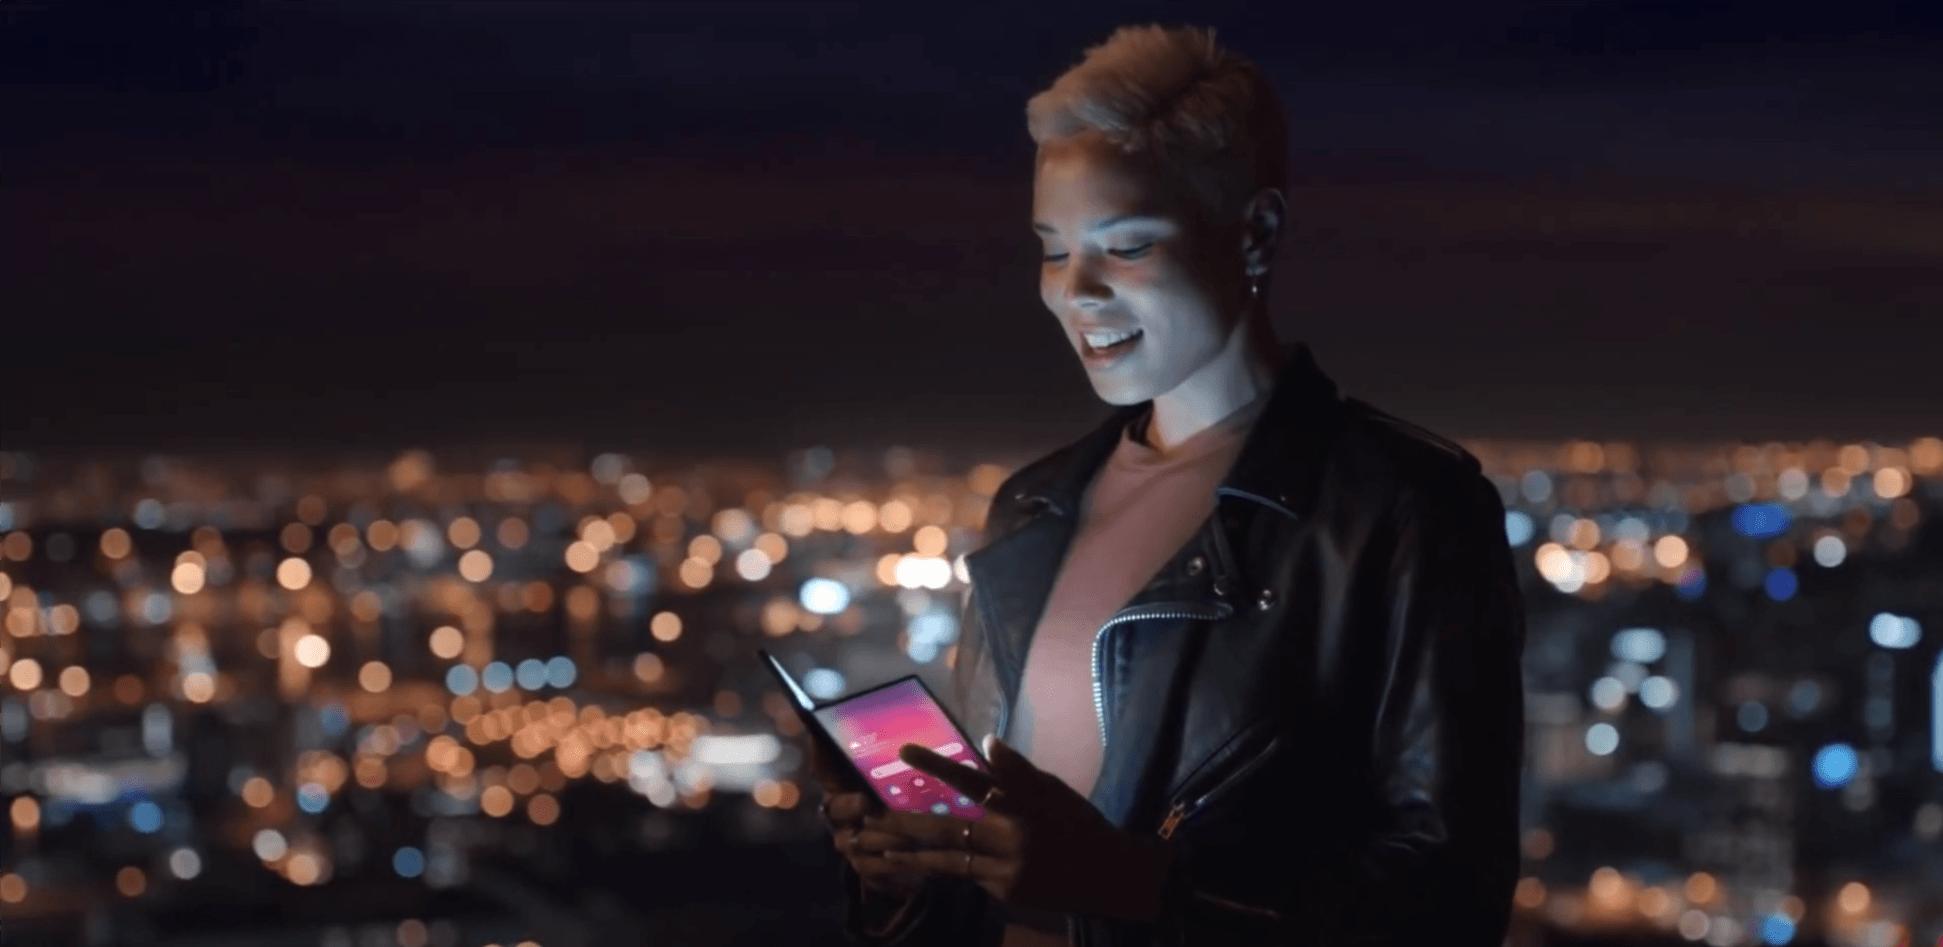 Film, który nie miał prawa przedostać się do sieci: Samsung Galaxy S10 i składany Galaxy F na wideo promocyjnym 18